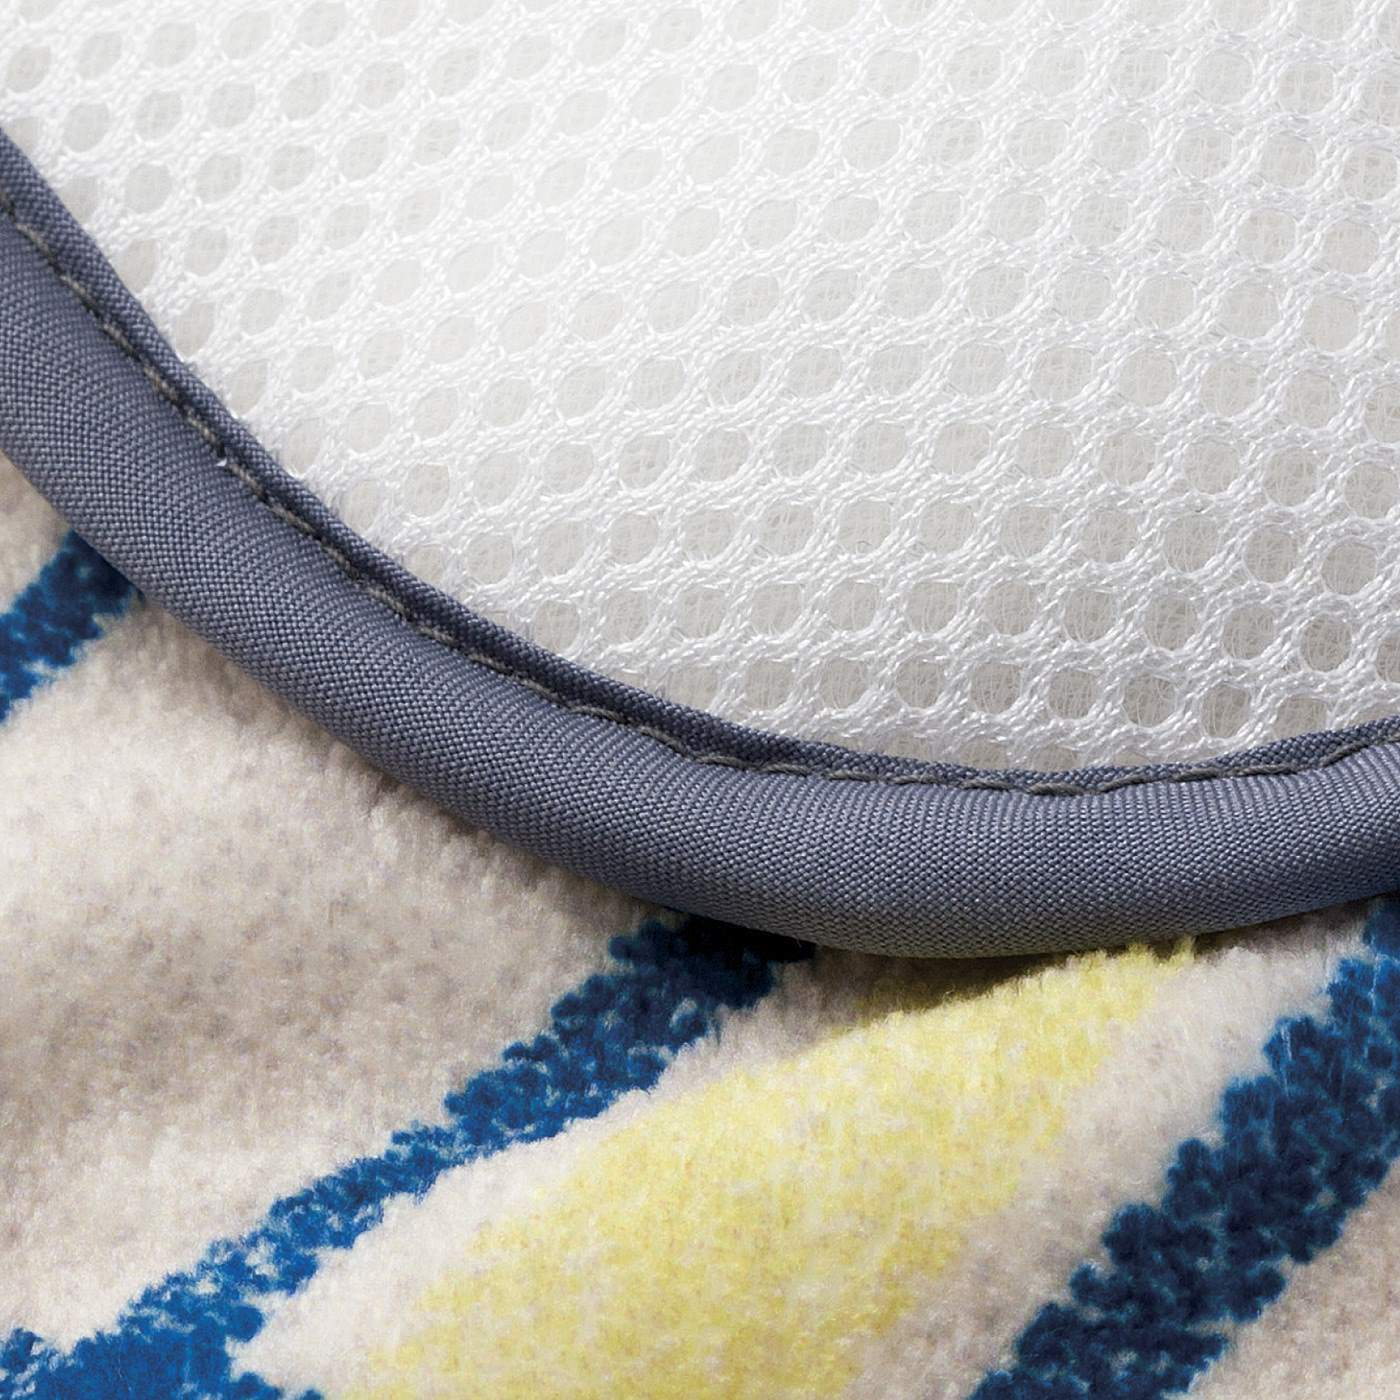 裏面は乾きやすいメッシュ素材。表面は吸水速乾性に富んだマイクロファイバー素材。湯上りの足もとが快適に。